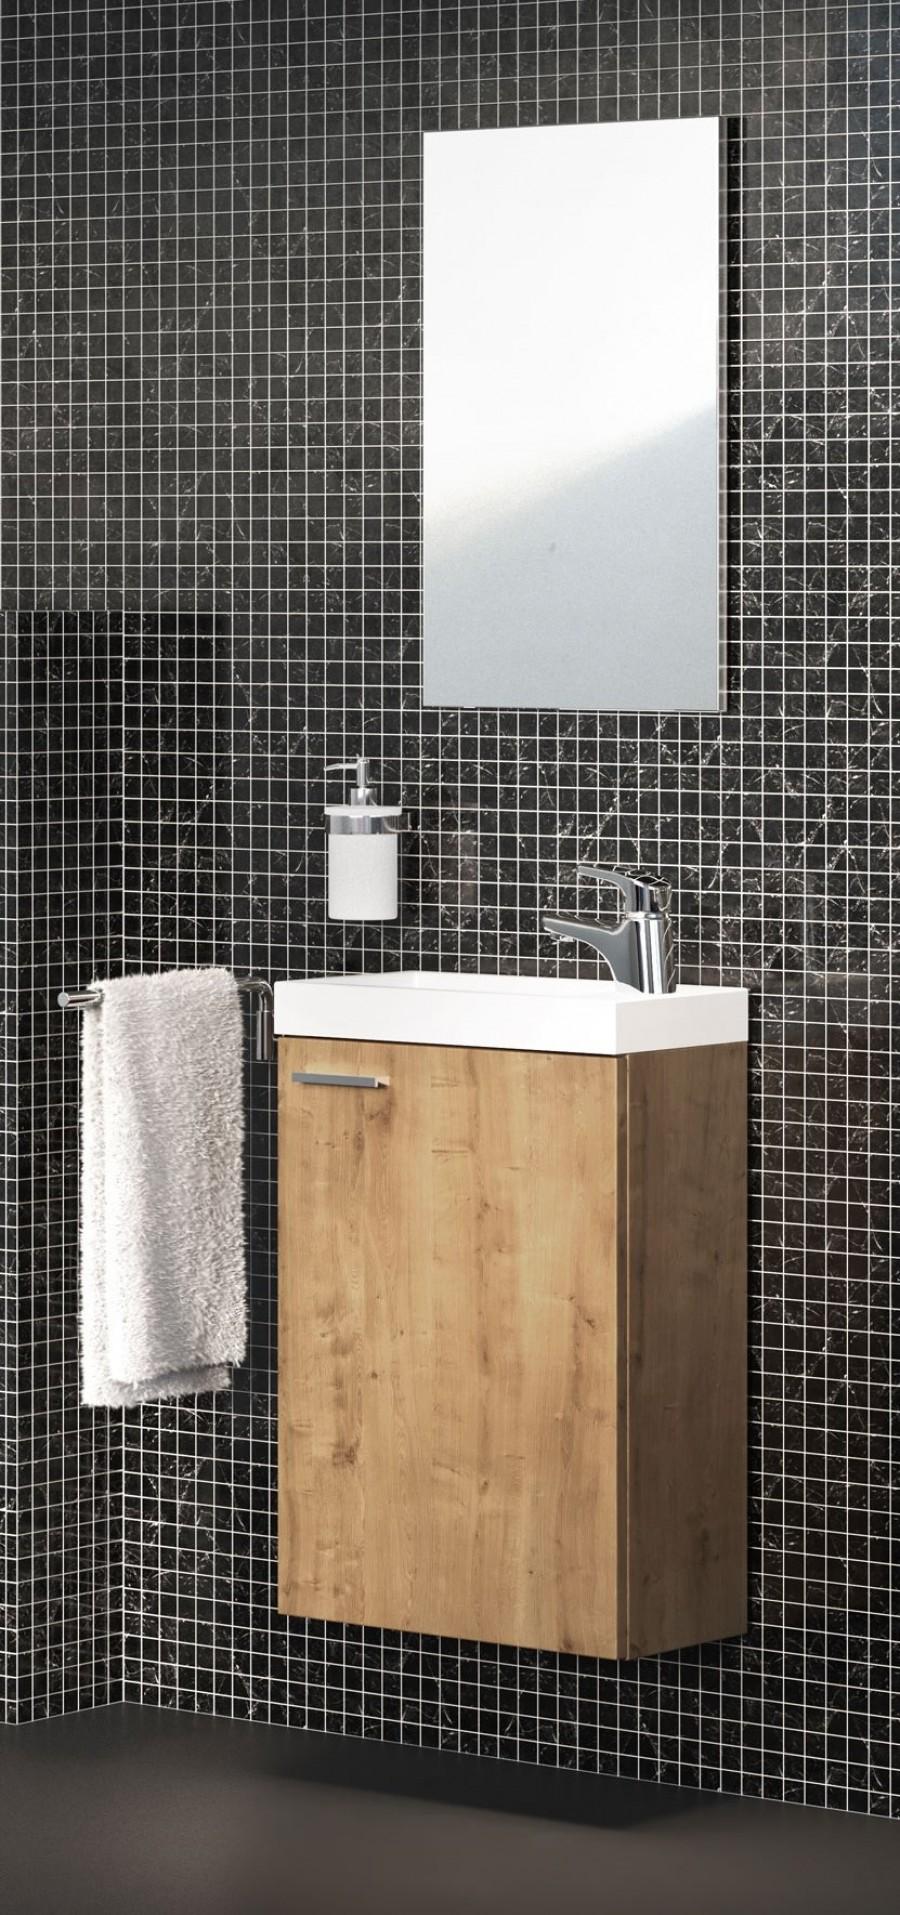 Meuble Salle De Bain Discac Rivage ~ salle de bain discac cheap galerie de photos de nouveau meuble